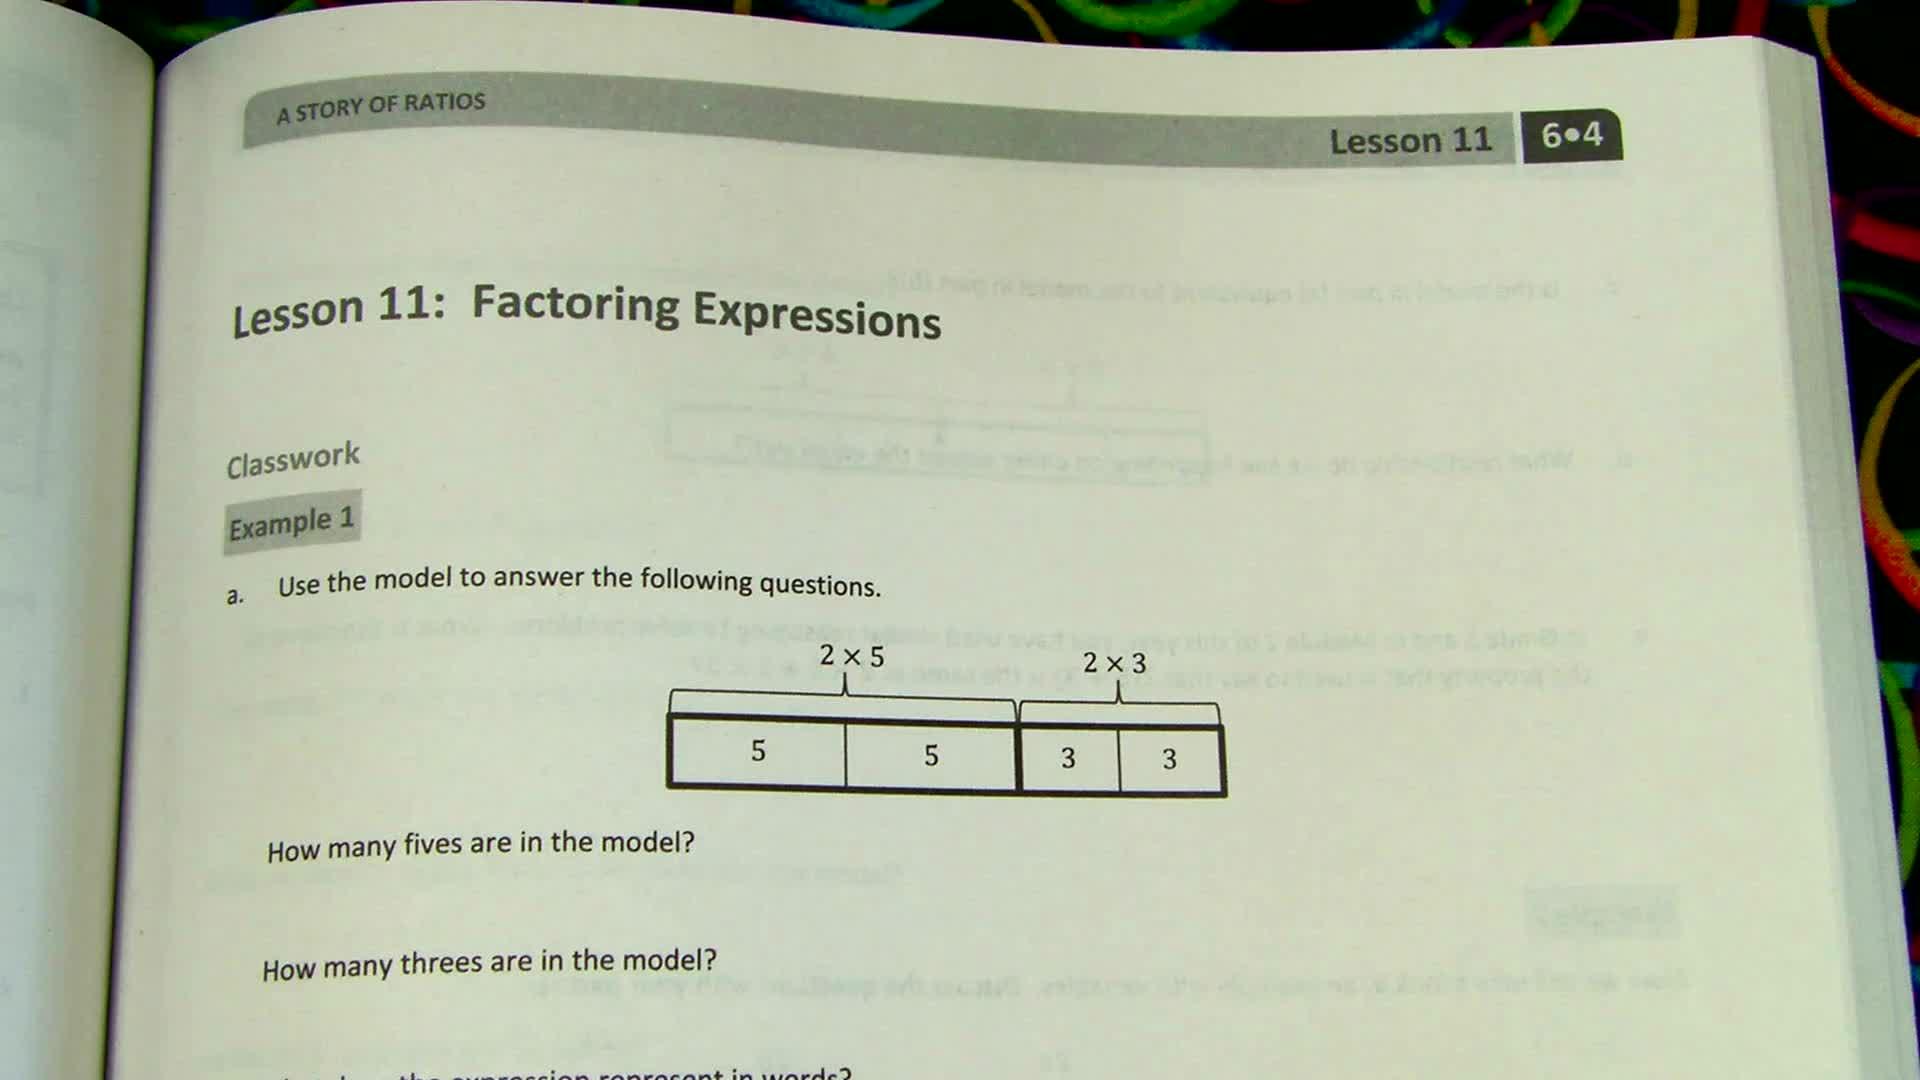 Module 4 - Lesson 11